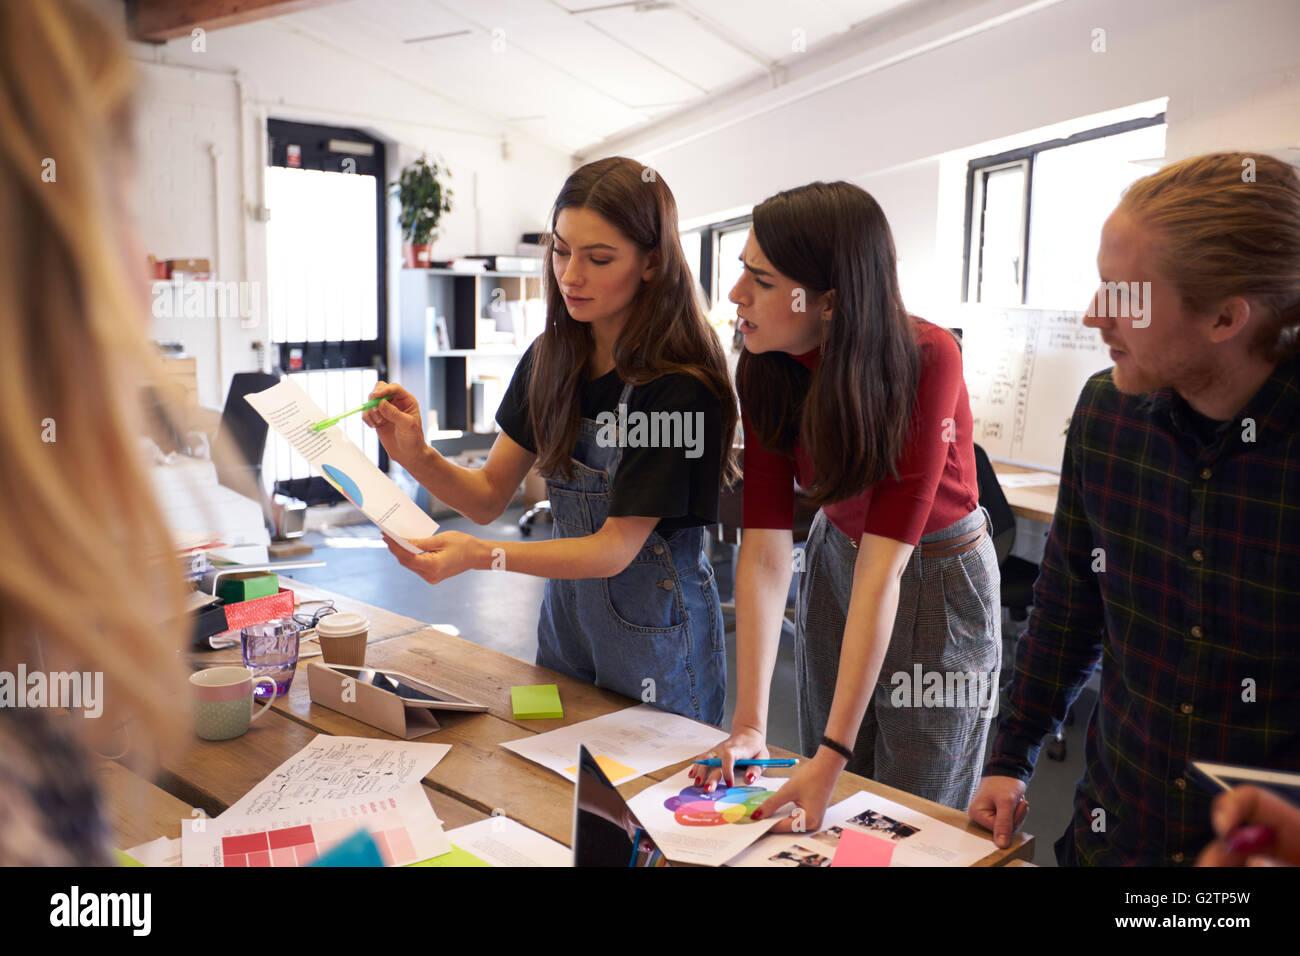 Réunion de réflexion créative en Design Office Photo Stock